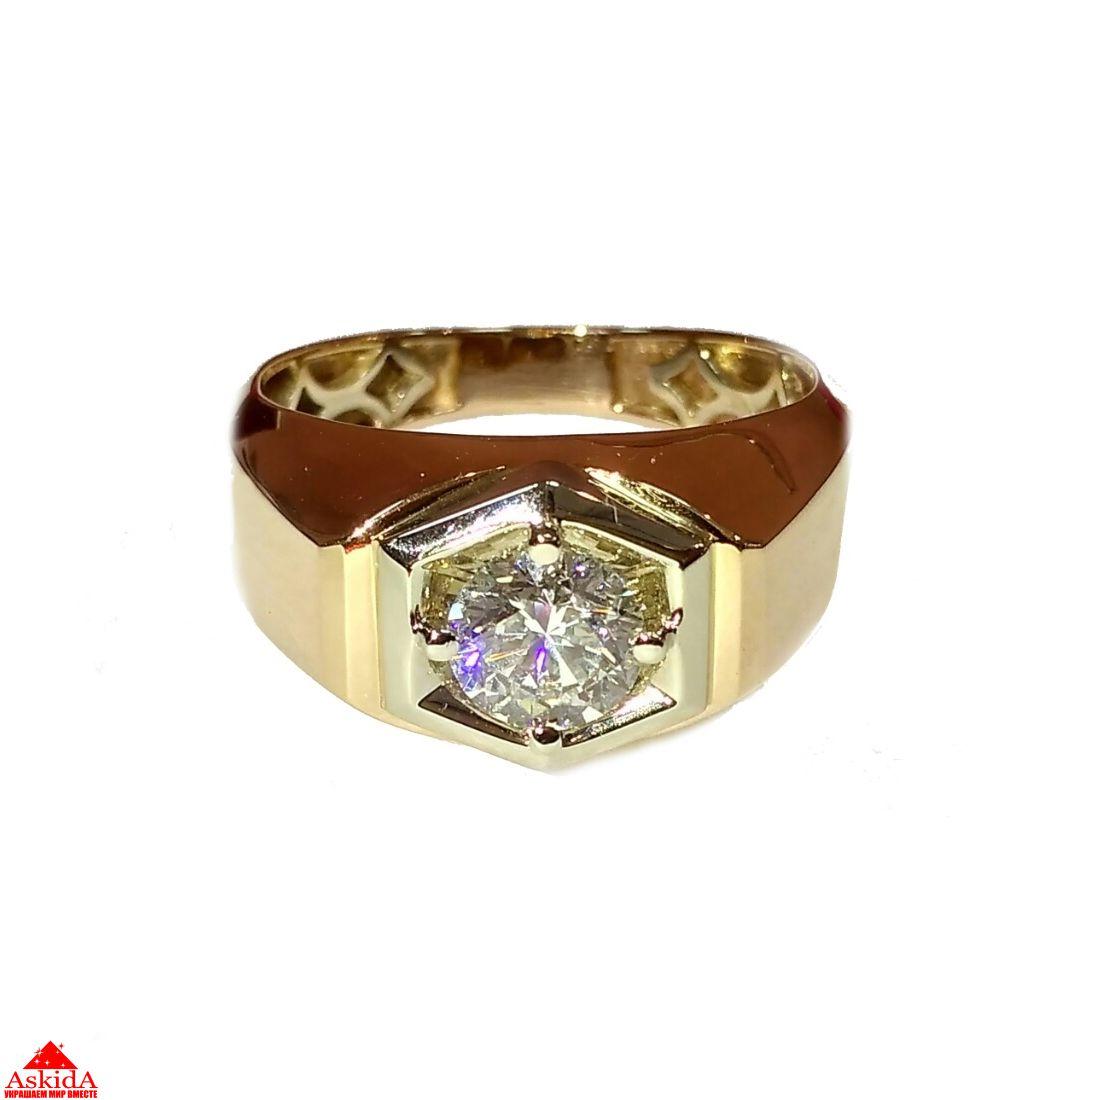 Мужское золотое кольцо с бриллиантом + (видео) - АскидА ... acf9670d9d9